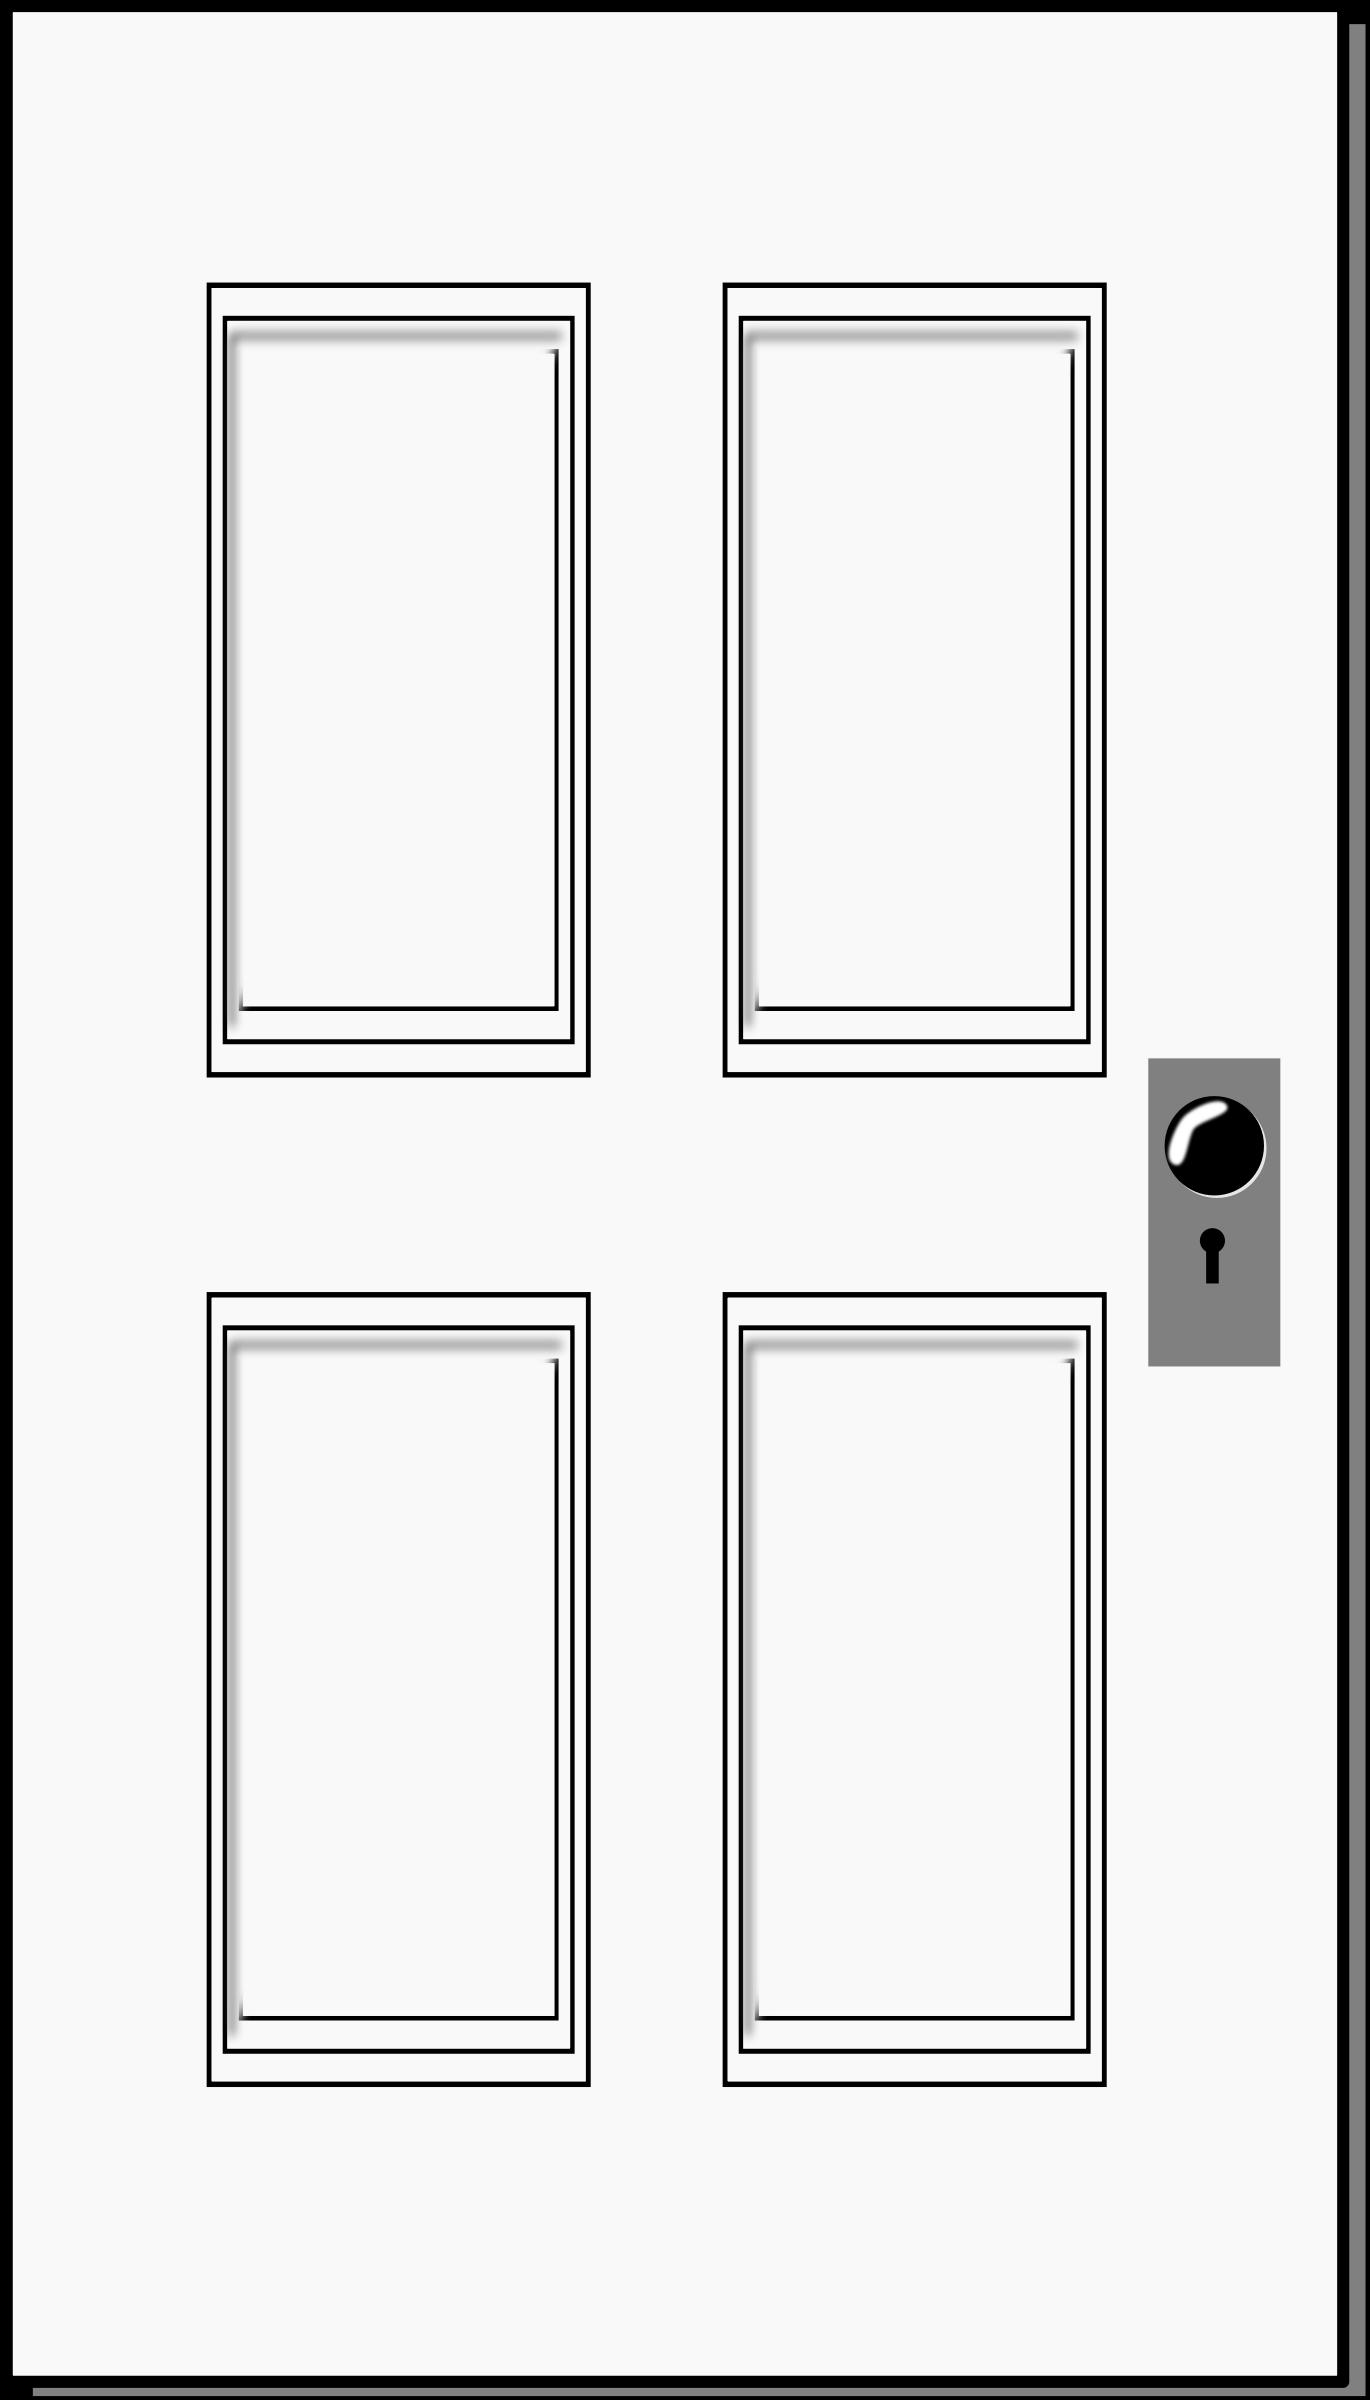 Clipart Of A Door.